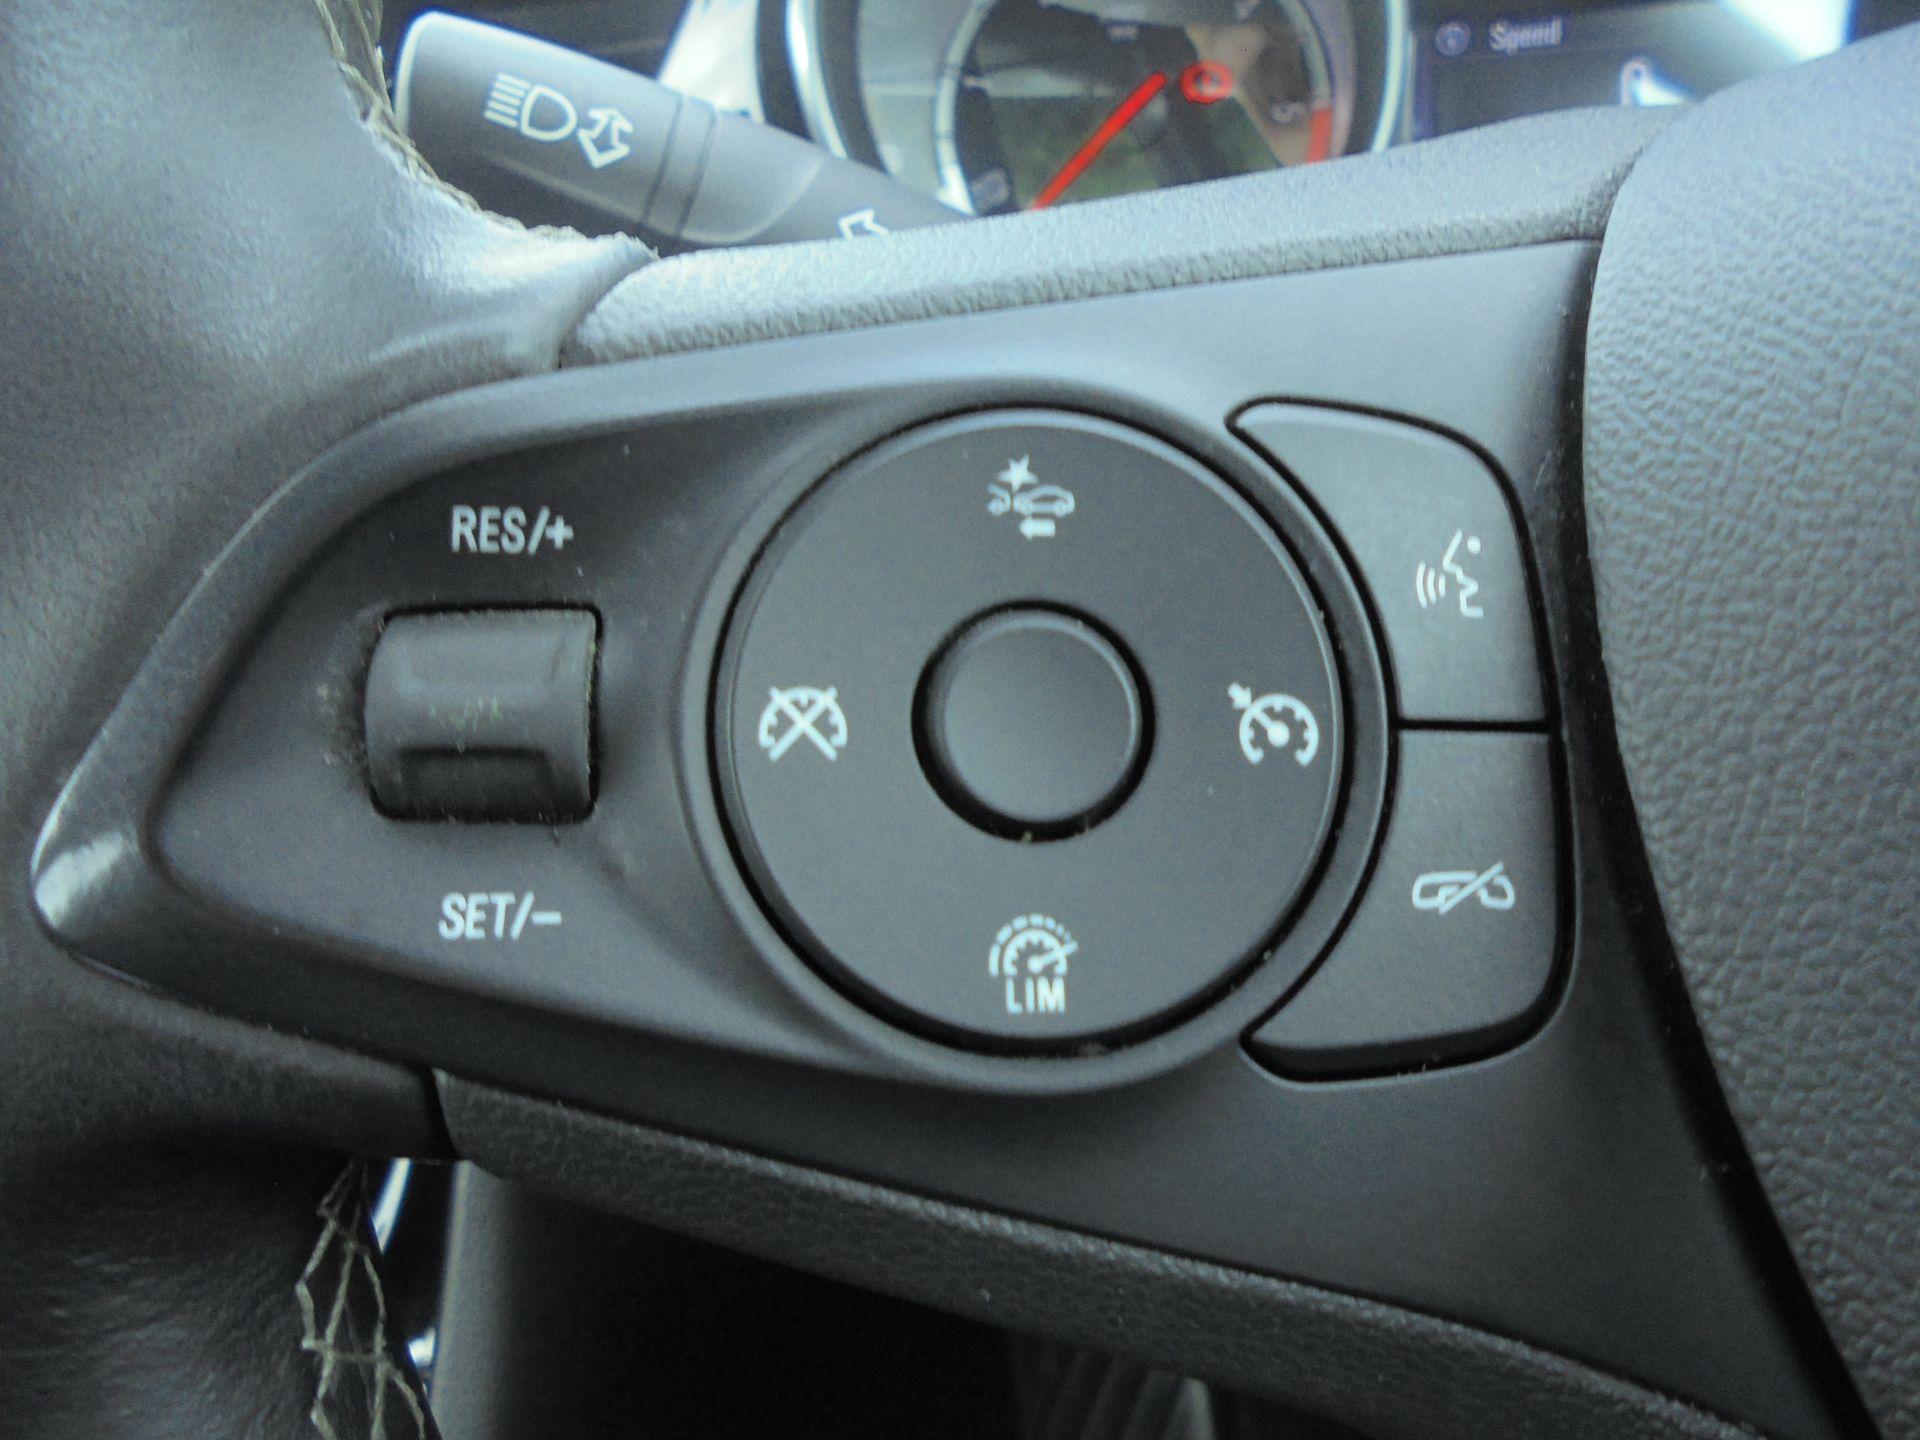 2018 Vauxhall Astra 1.6 Cdti 16V Ecoflex Sri Nav 5Dr (VE18TXA) Image 16